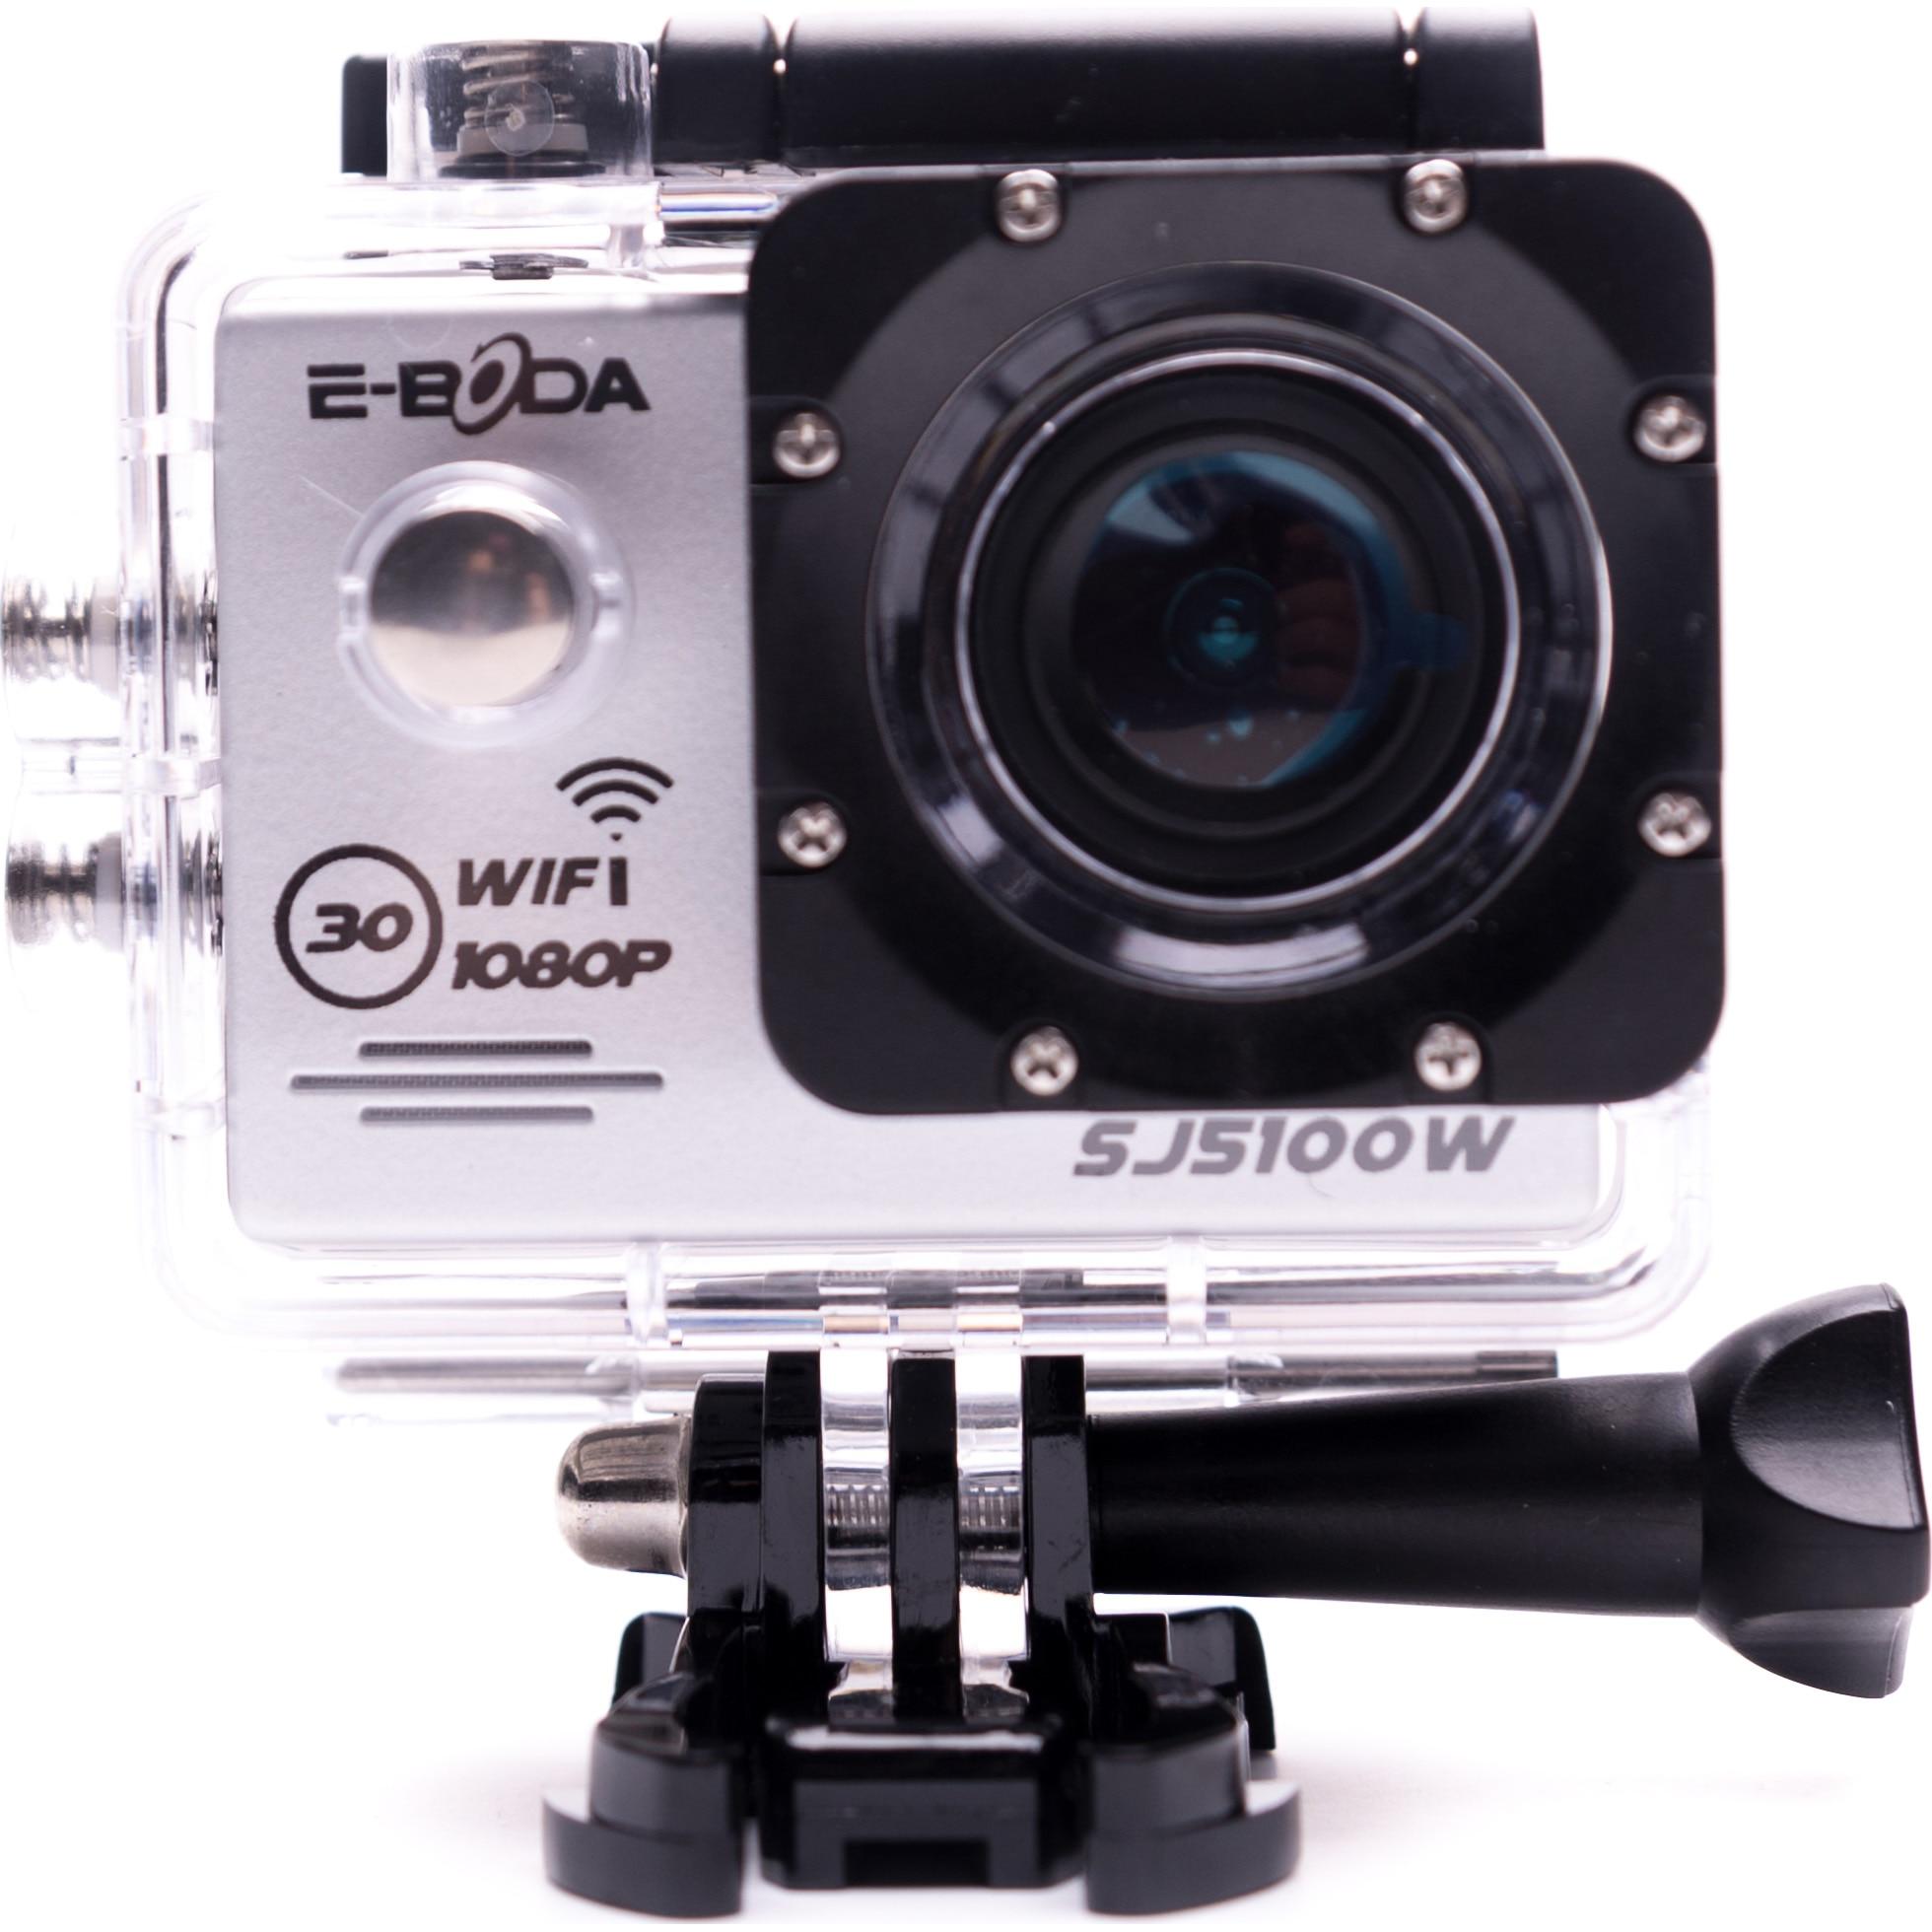 Fotografie Camera video sport E-Boda SJ5100W, 1080p, Wi-Fi, Waterproof